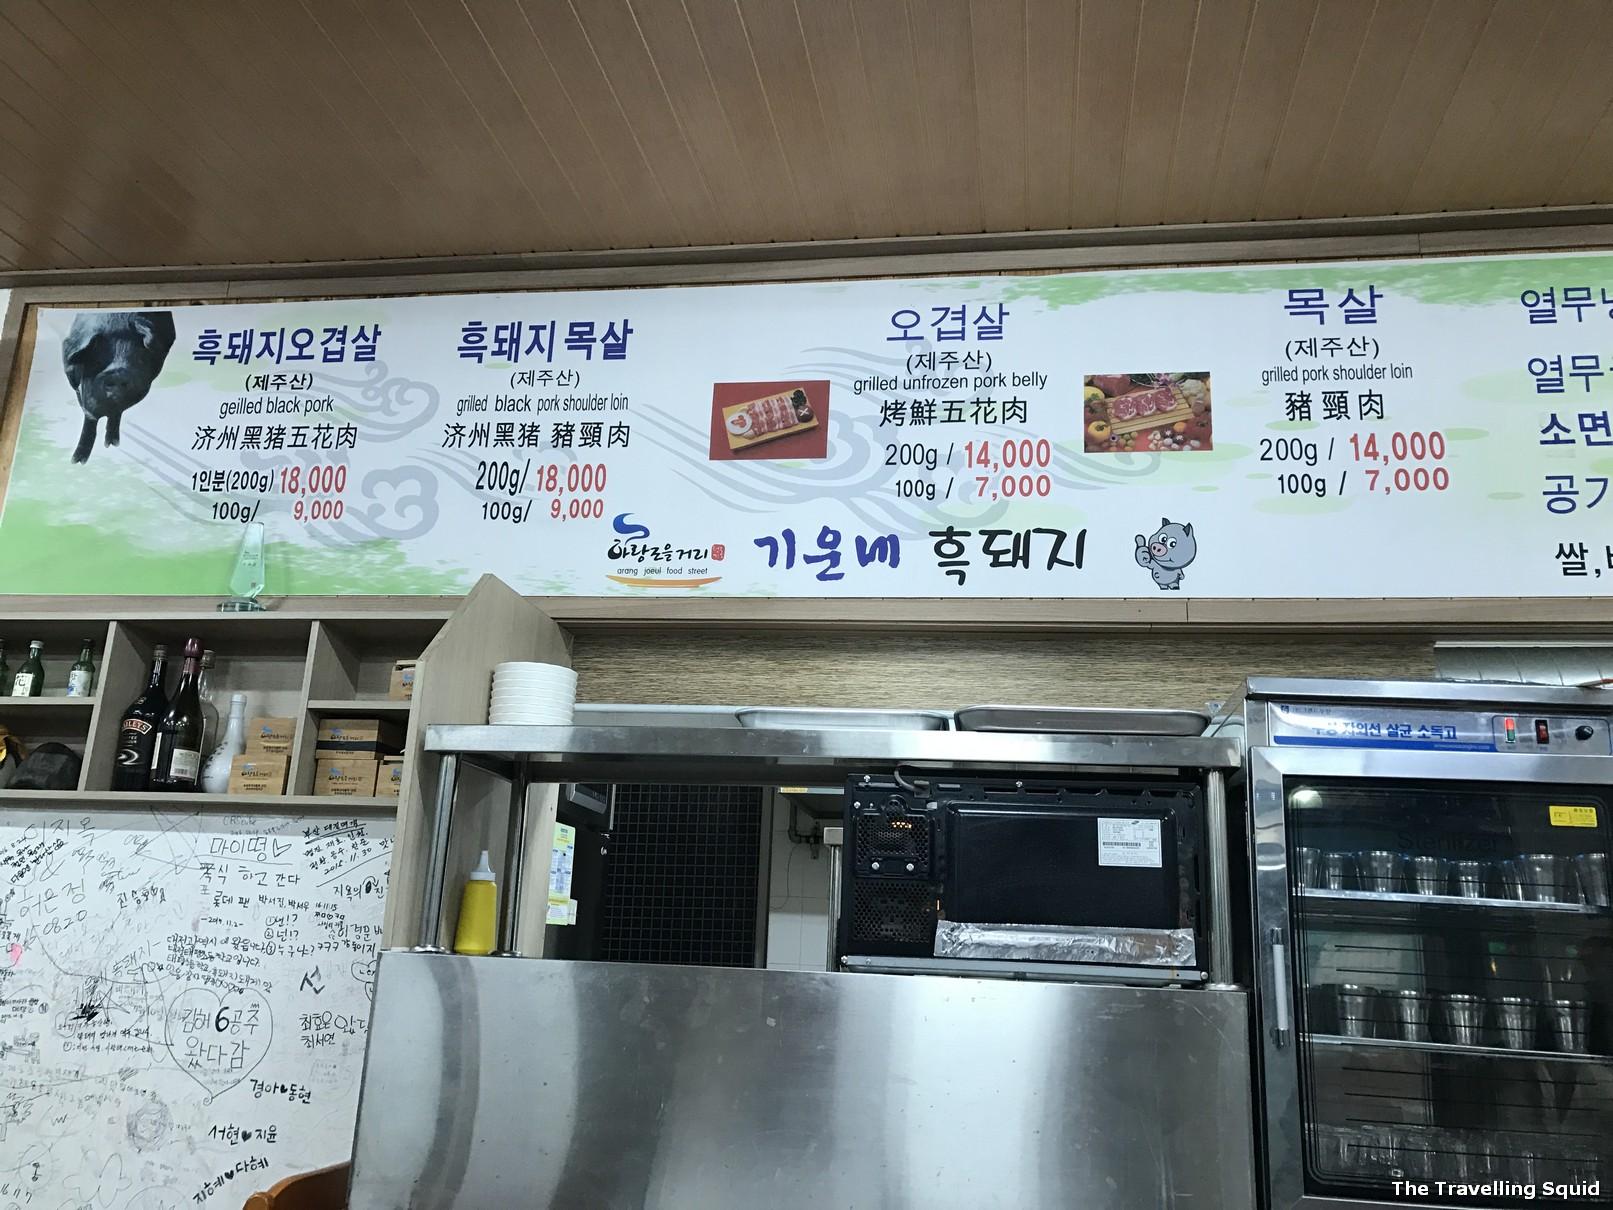 restaurant to try Jeju black pork inSeogwipo